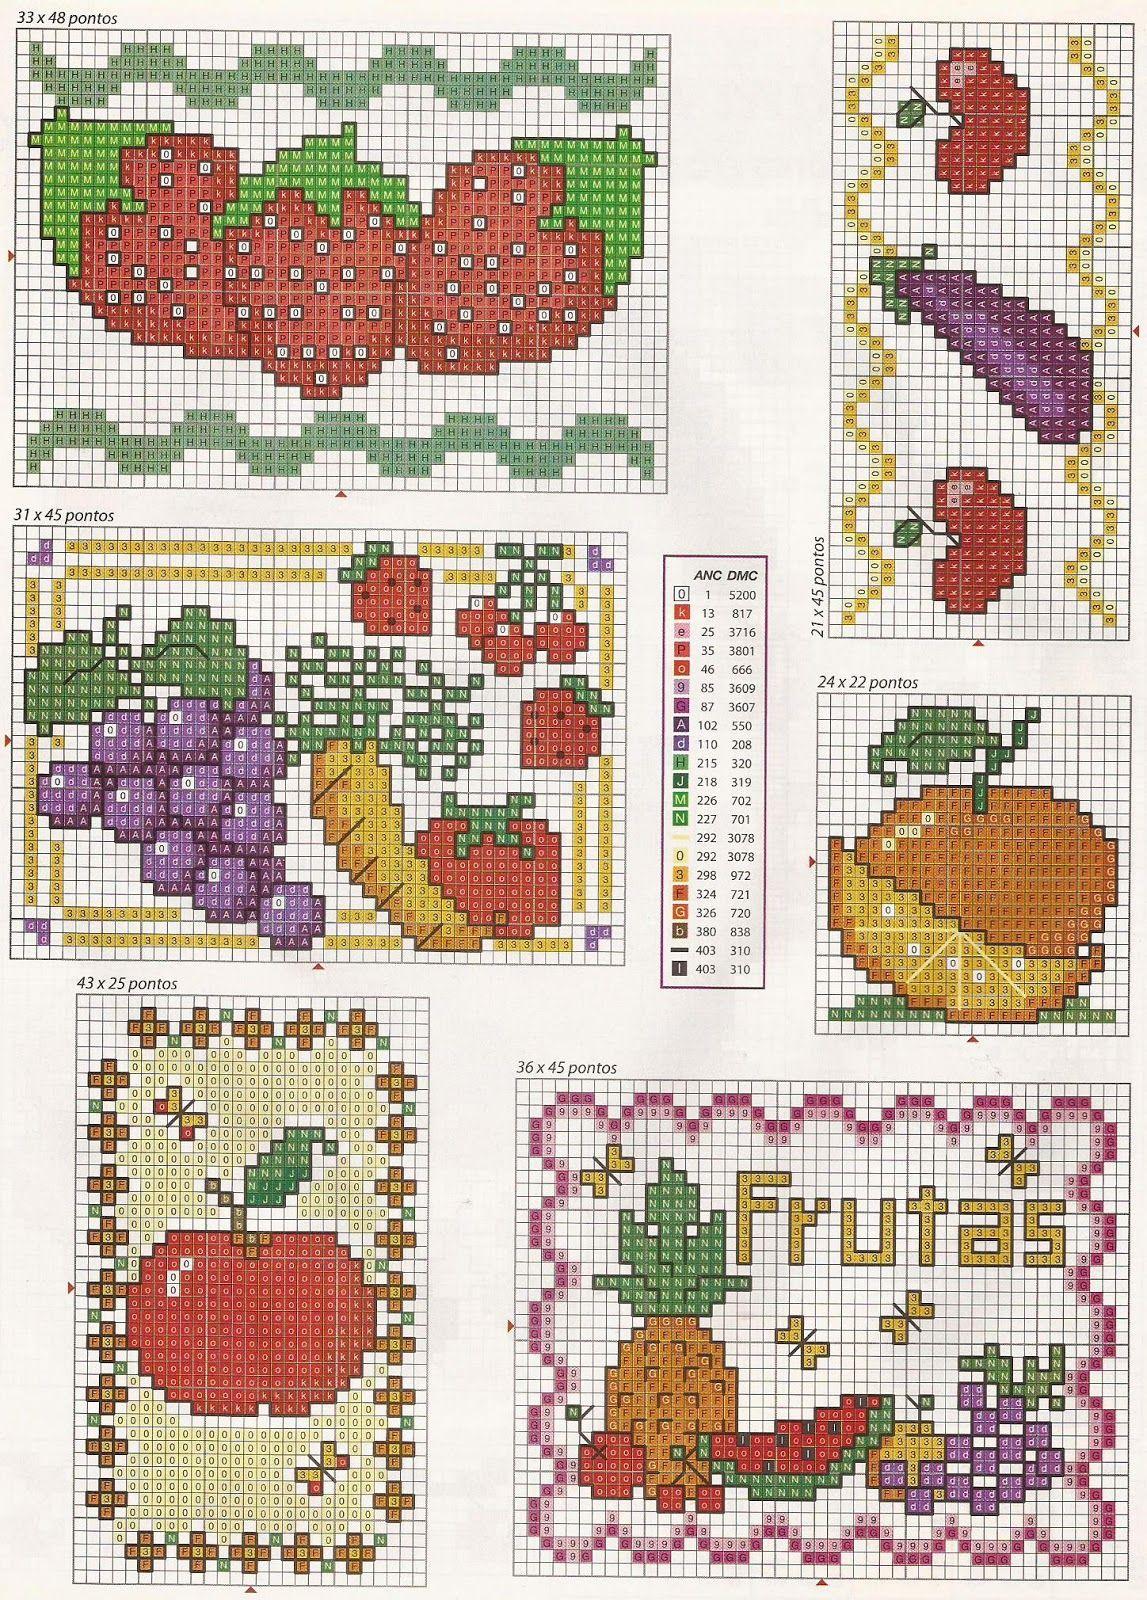 Toalhas+em+Ponto+Cruz+Especial-ano2-n.2-2009-pag.8.jpg (1147×1600)